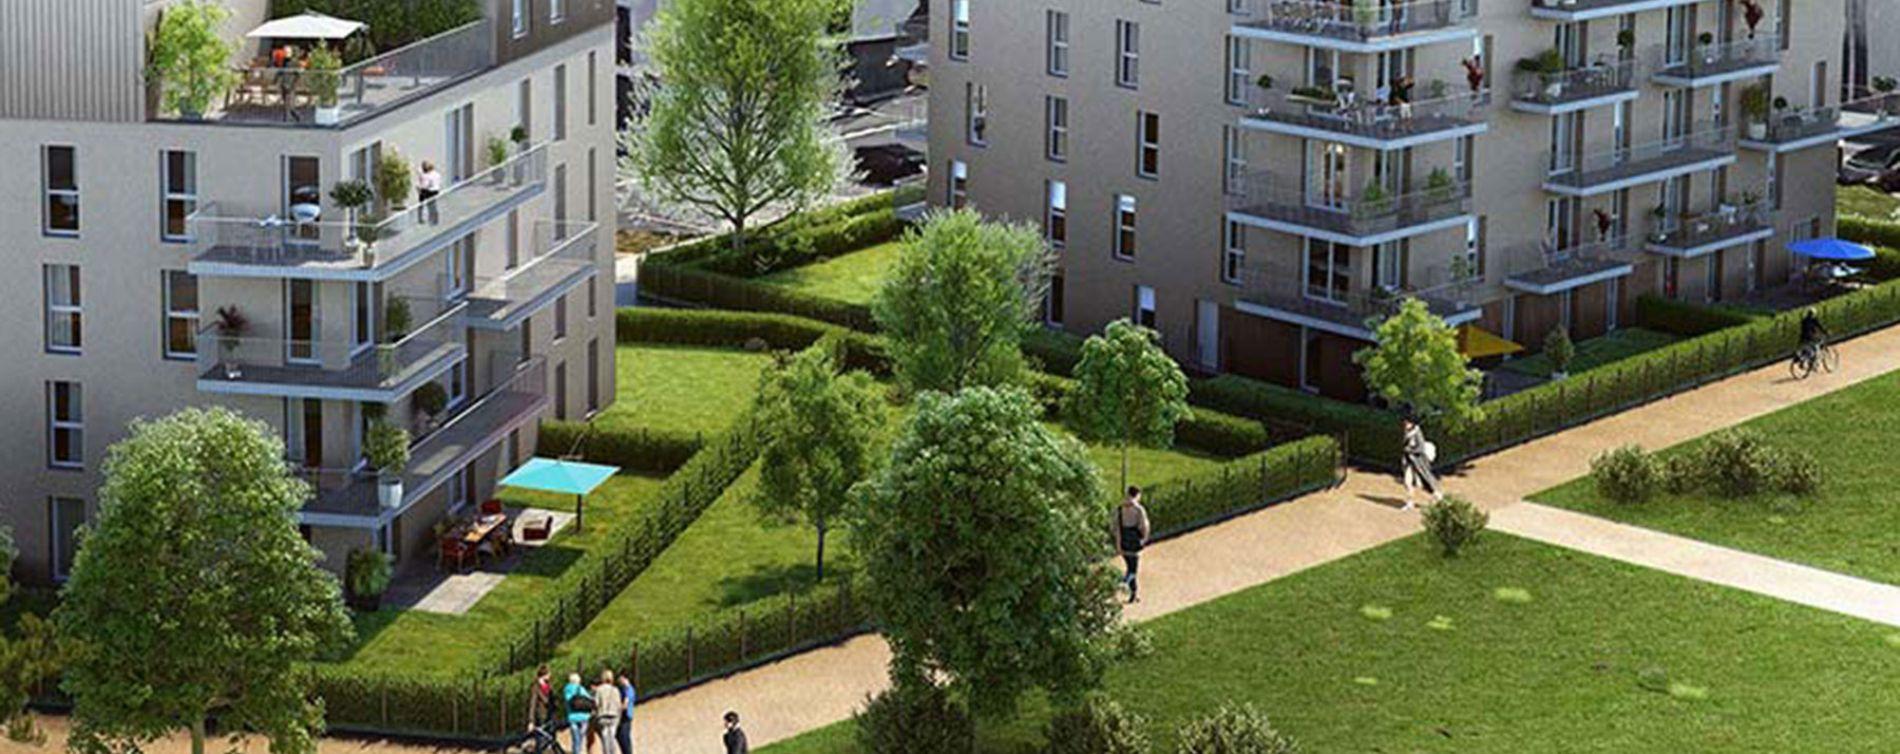 Résidence Folissime à Caen